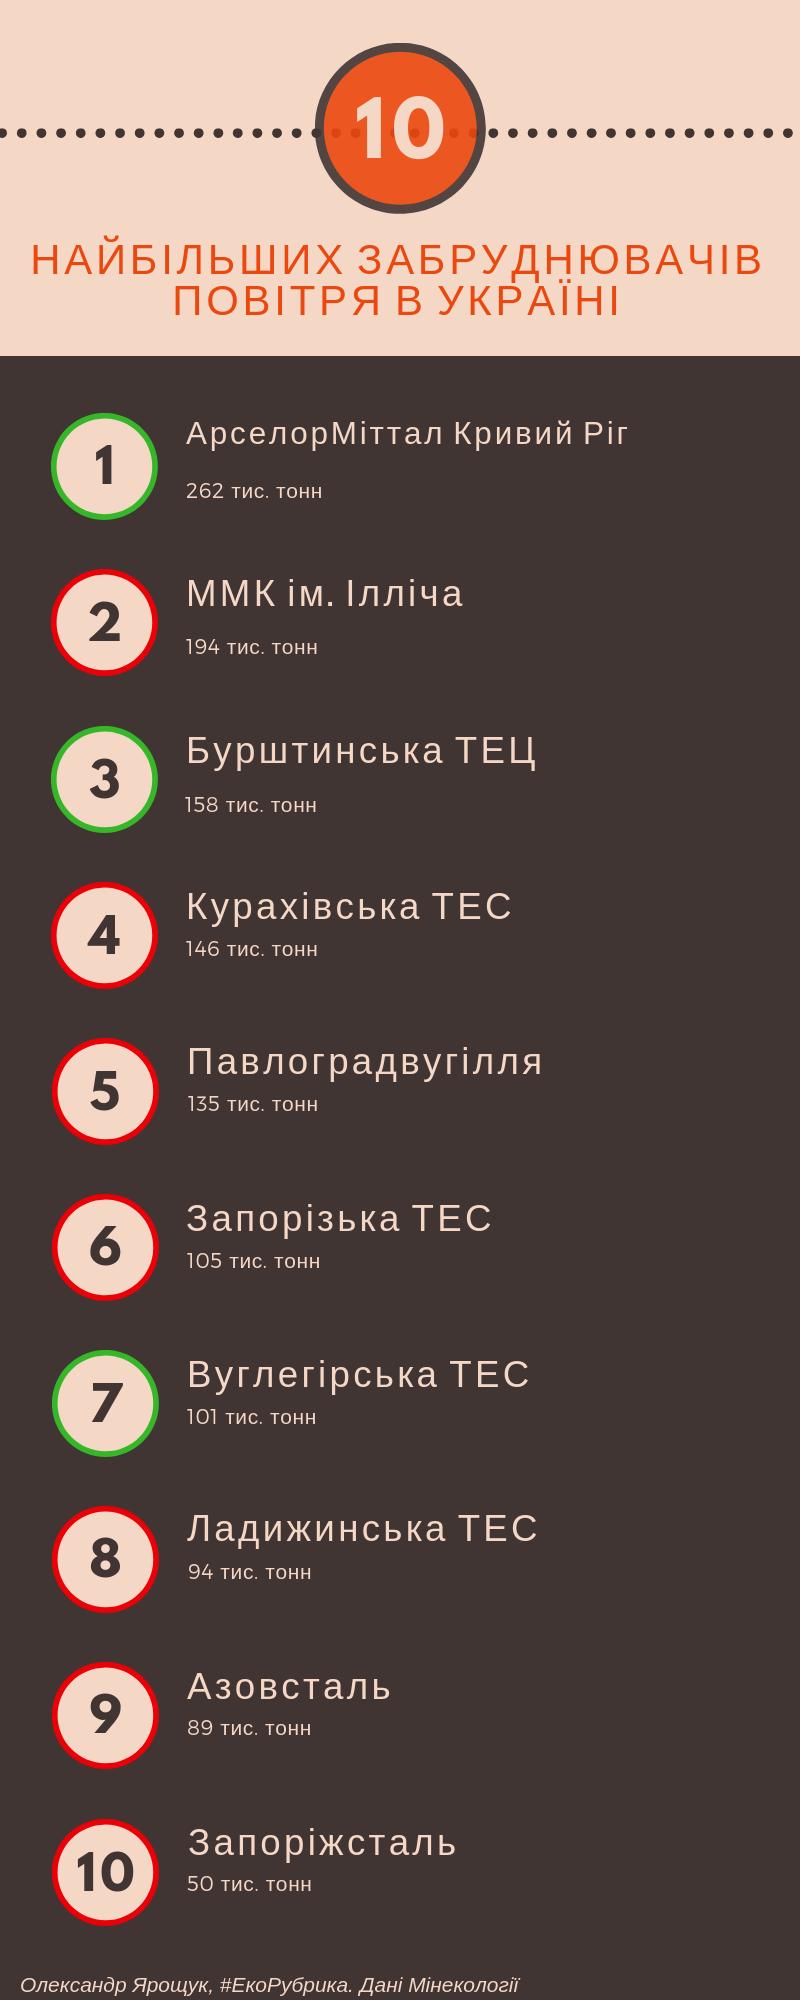 10 найбільших забруднювачів повітря України